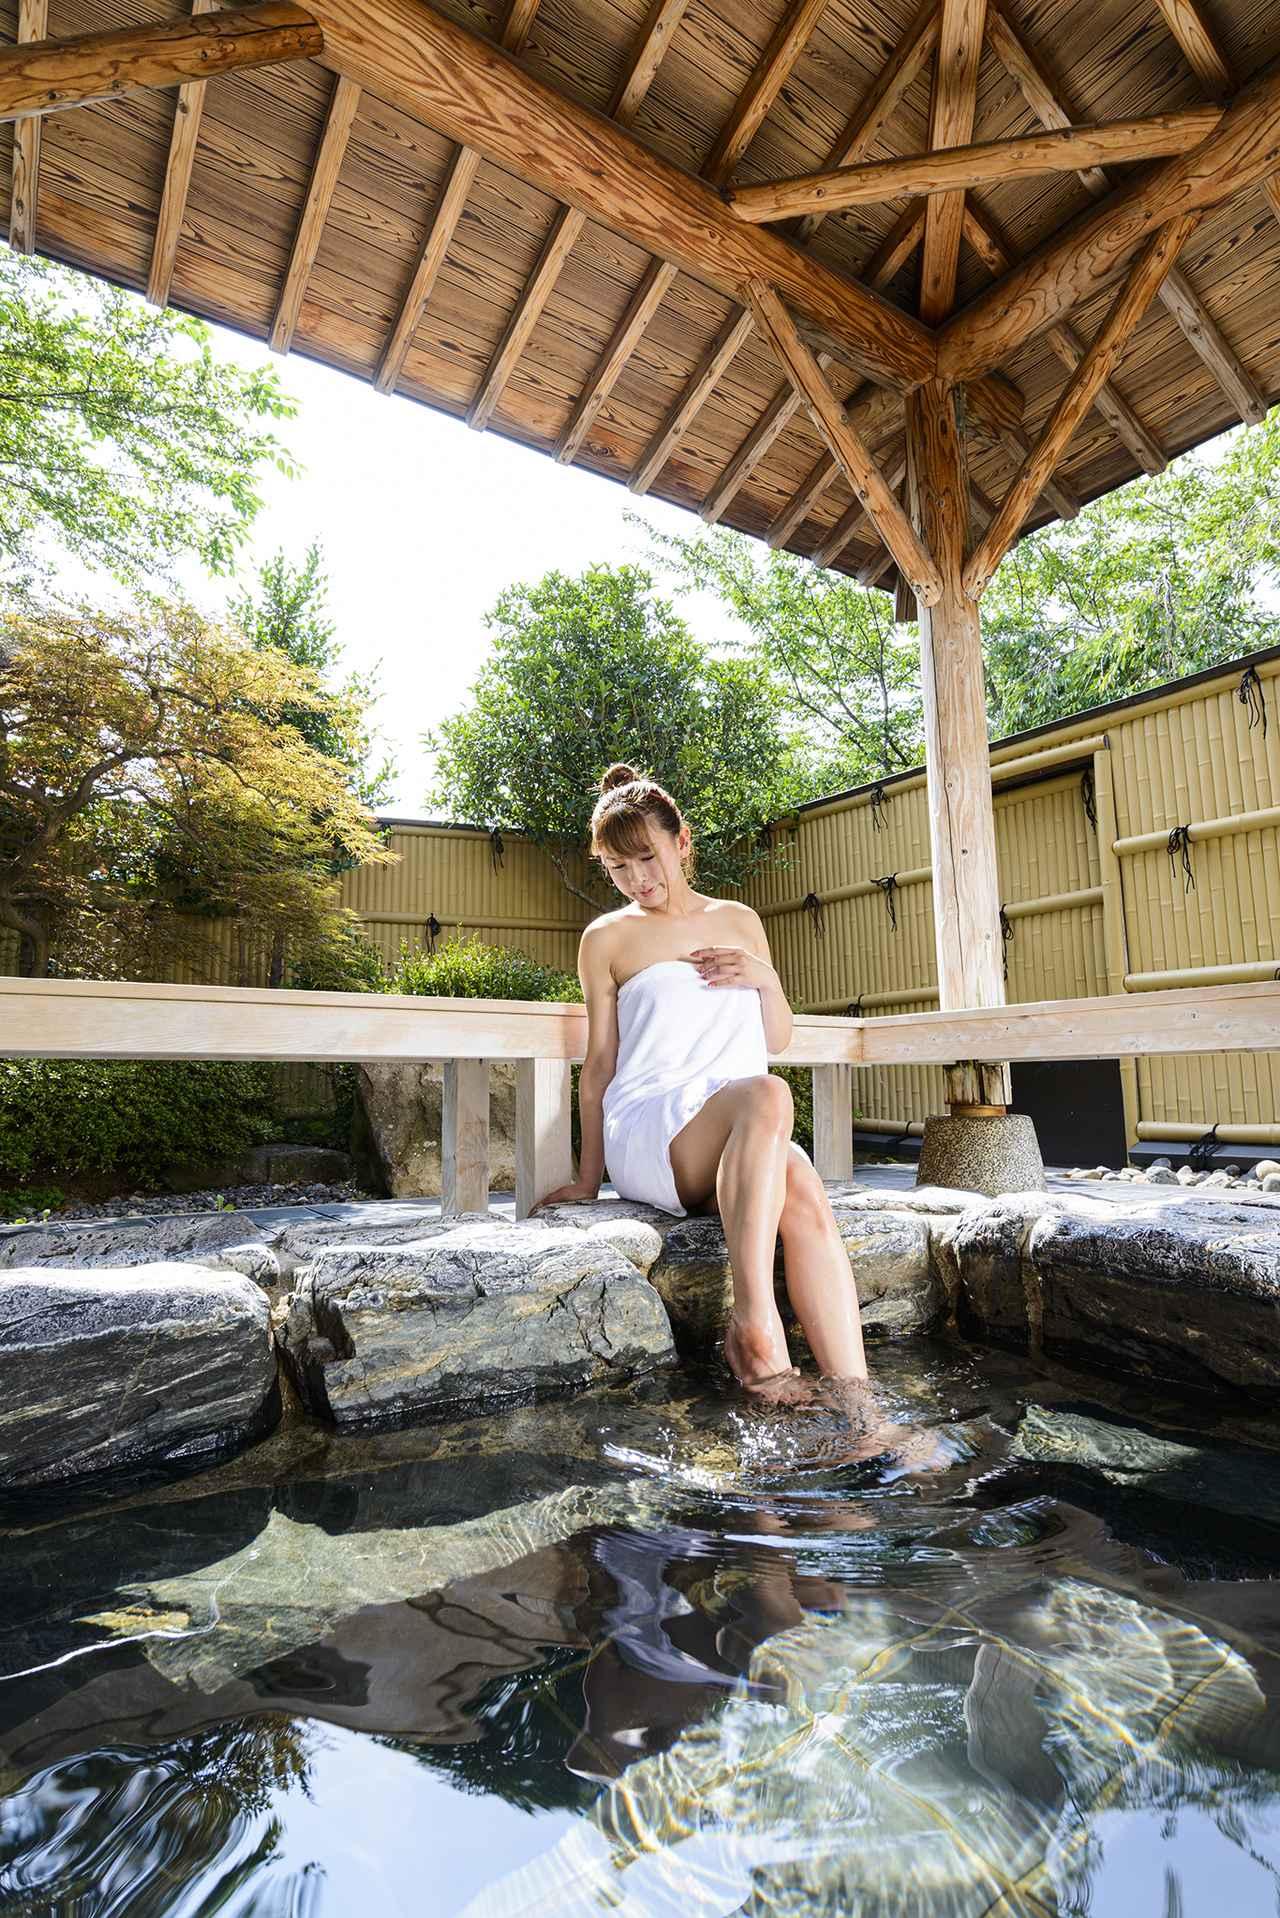 Images : 6番目の画像 - バーデン温泉 - webオートバイ